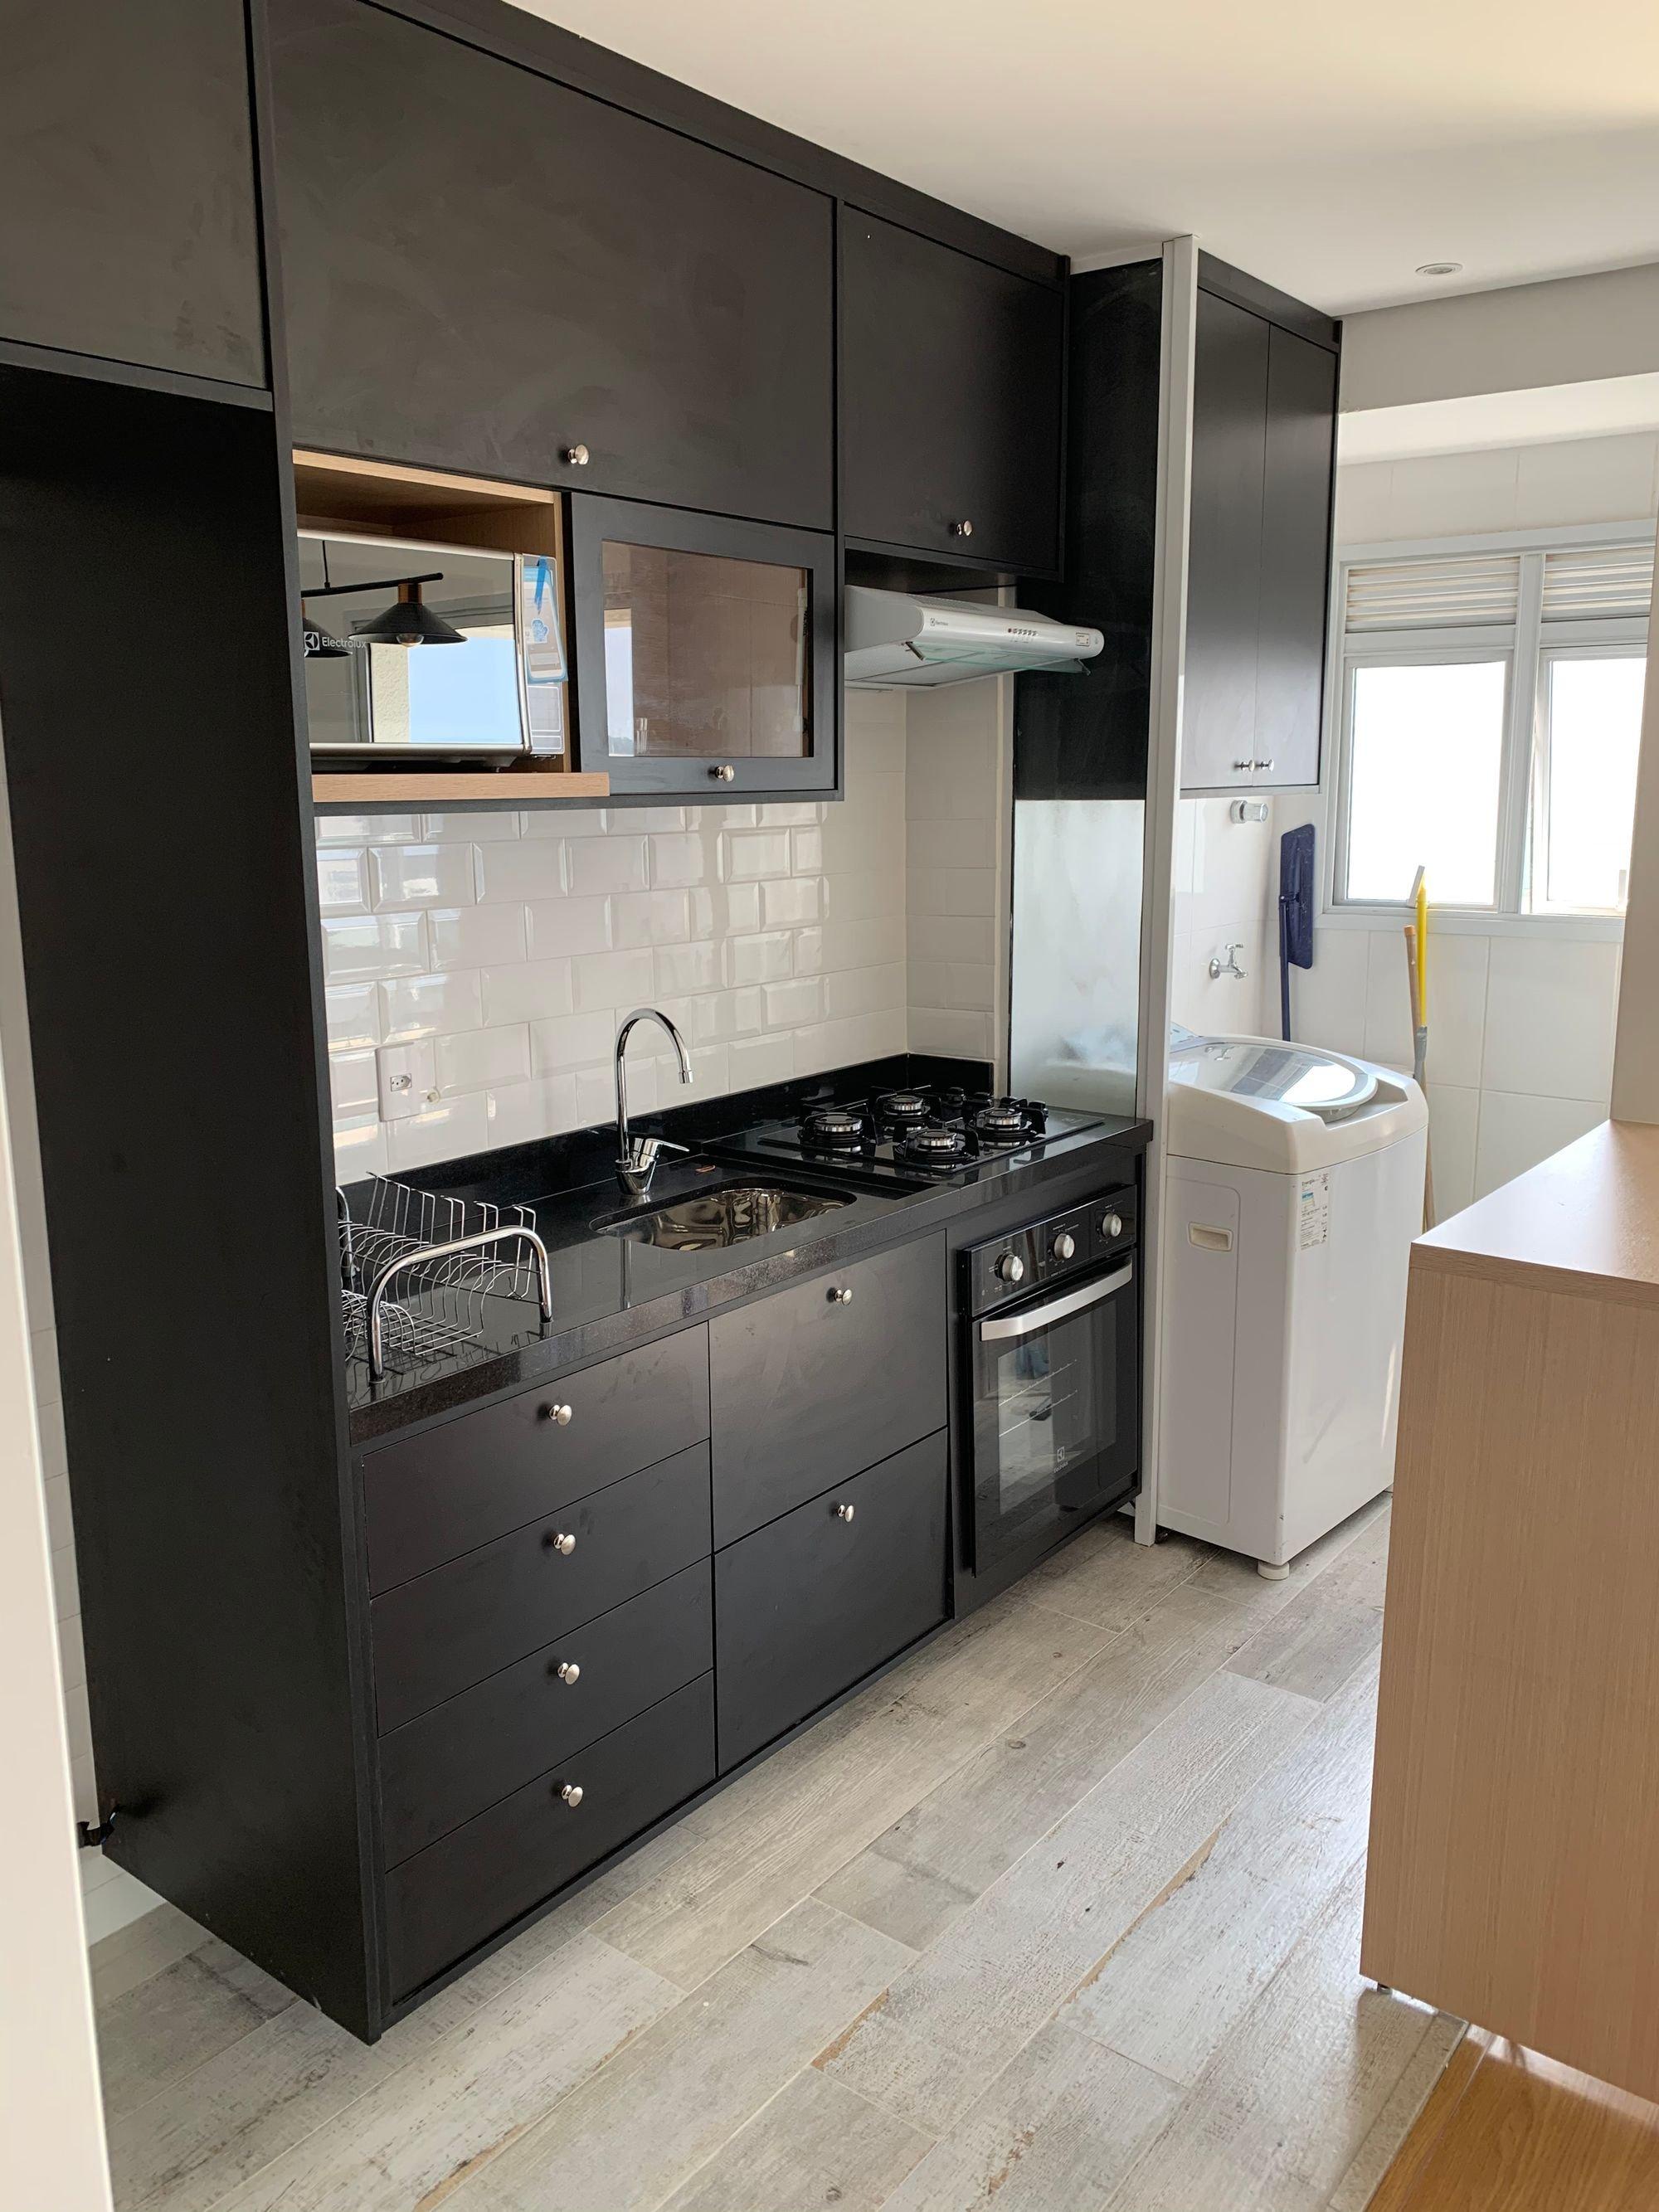 Foto de Cozinha com forno, pia